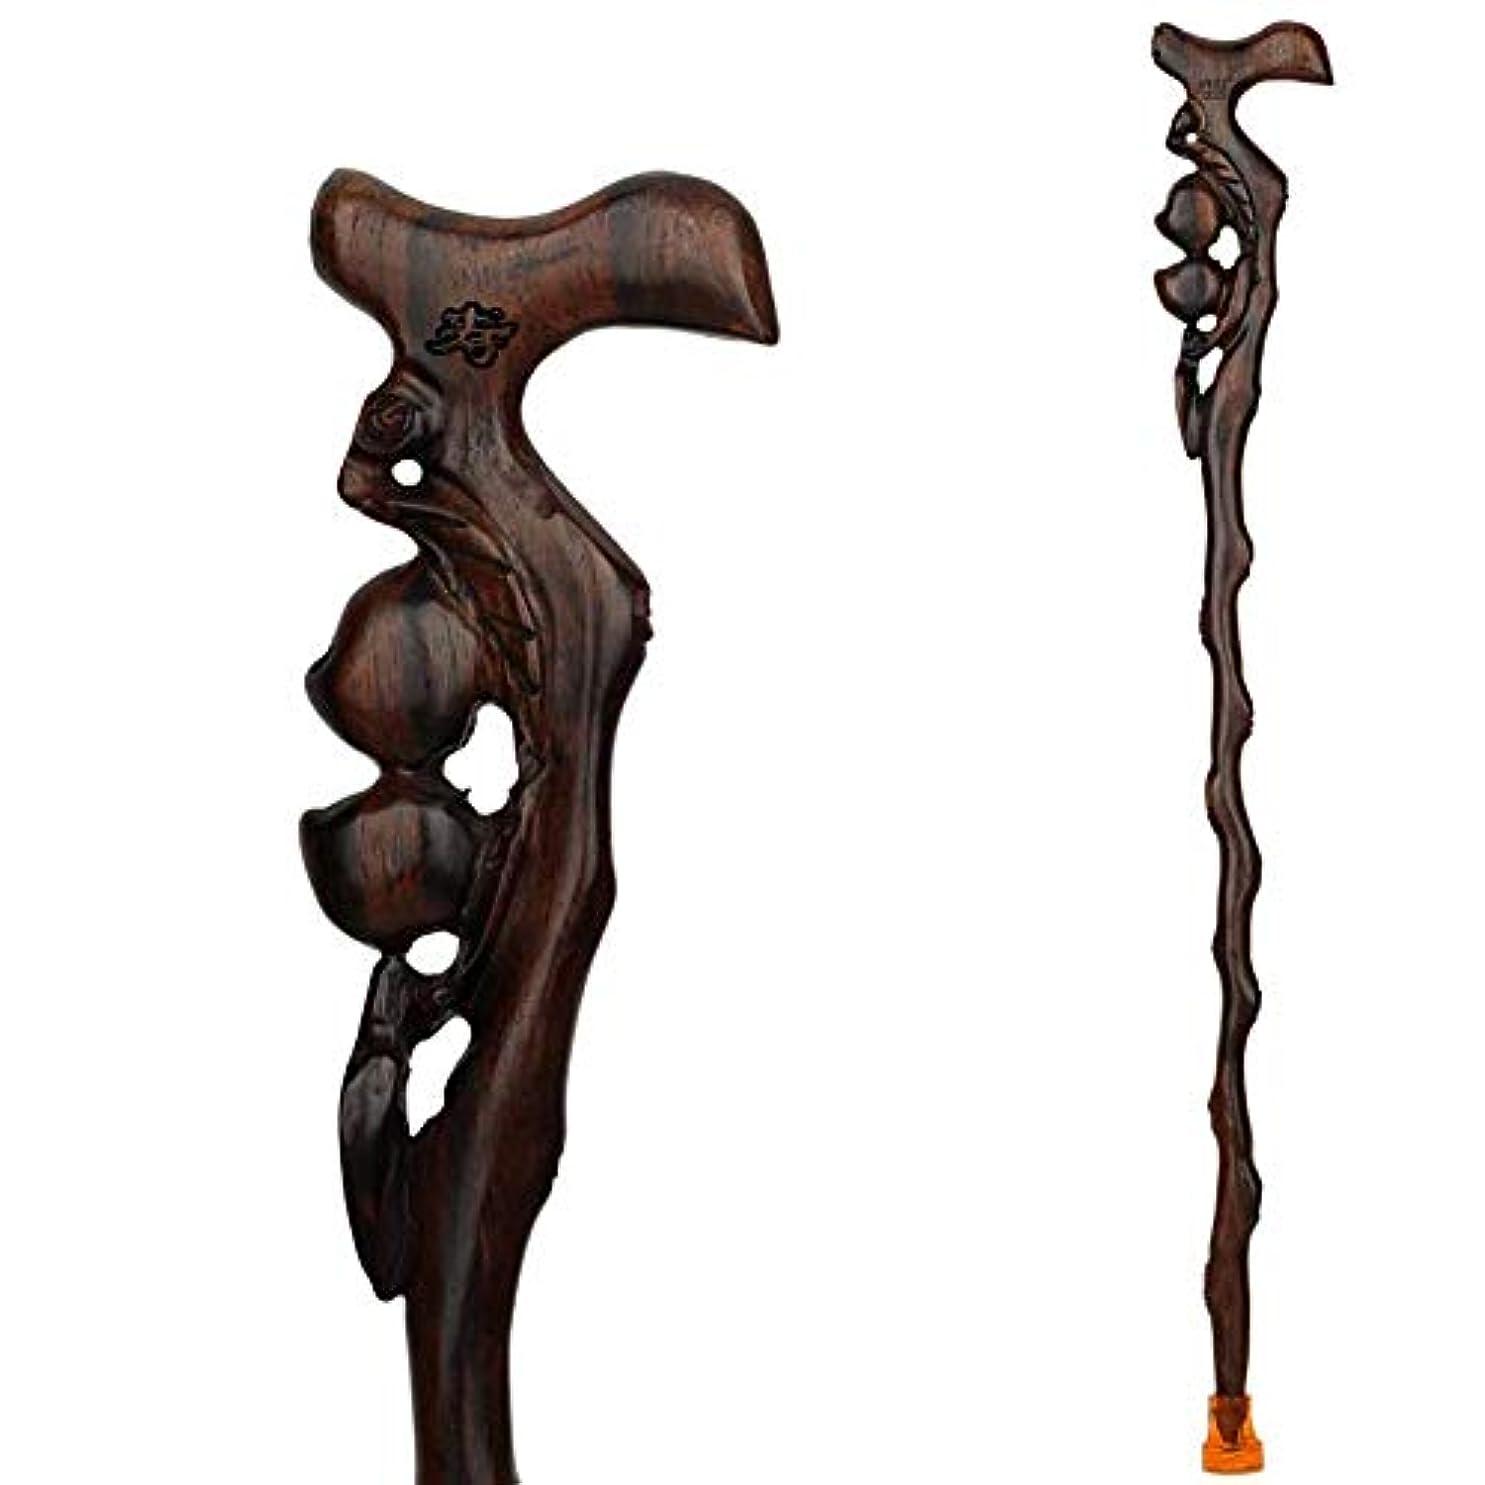 インシュレータ謝るマチュピチュ木製の石造りの自然な木は木製の彫刻のマホガニーの誕生日のモモの中間老化している棒を歩く